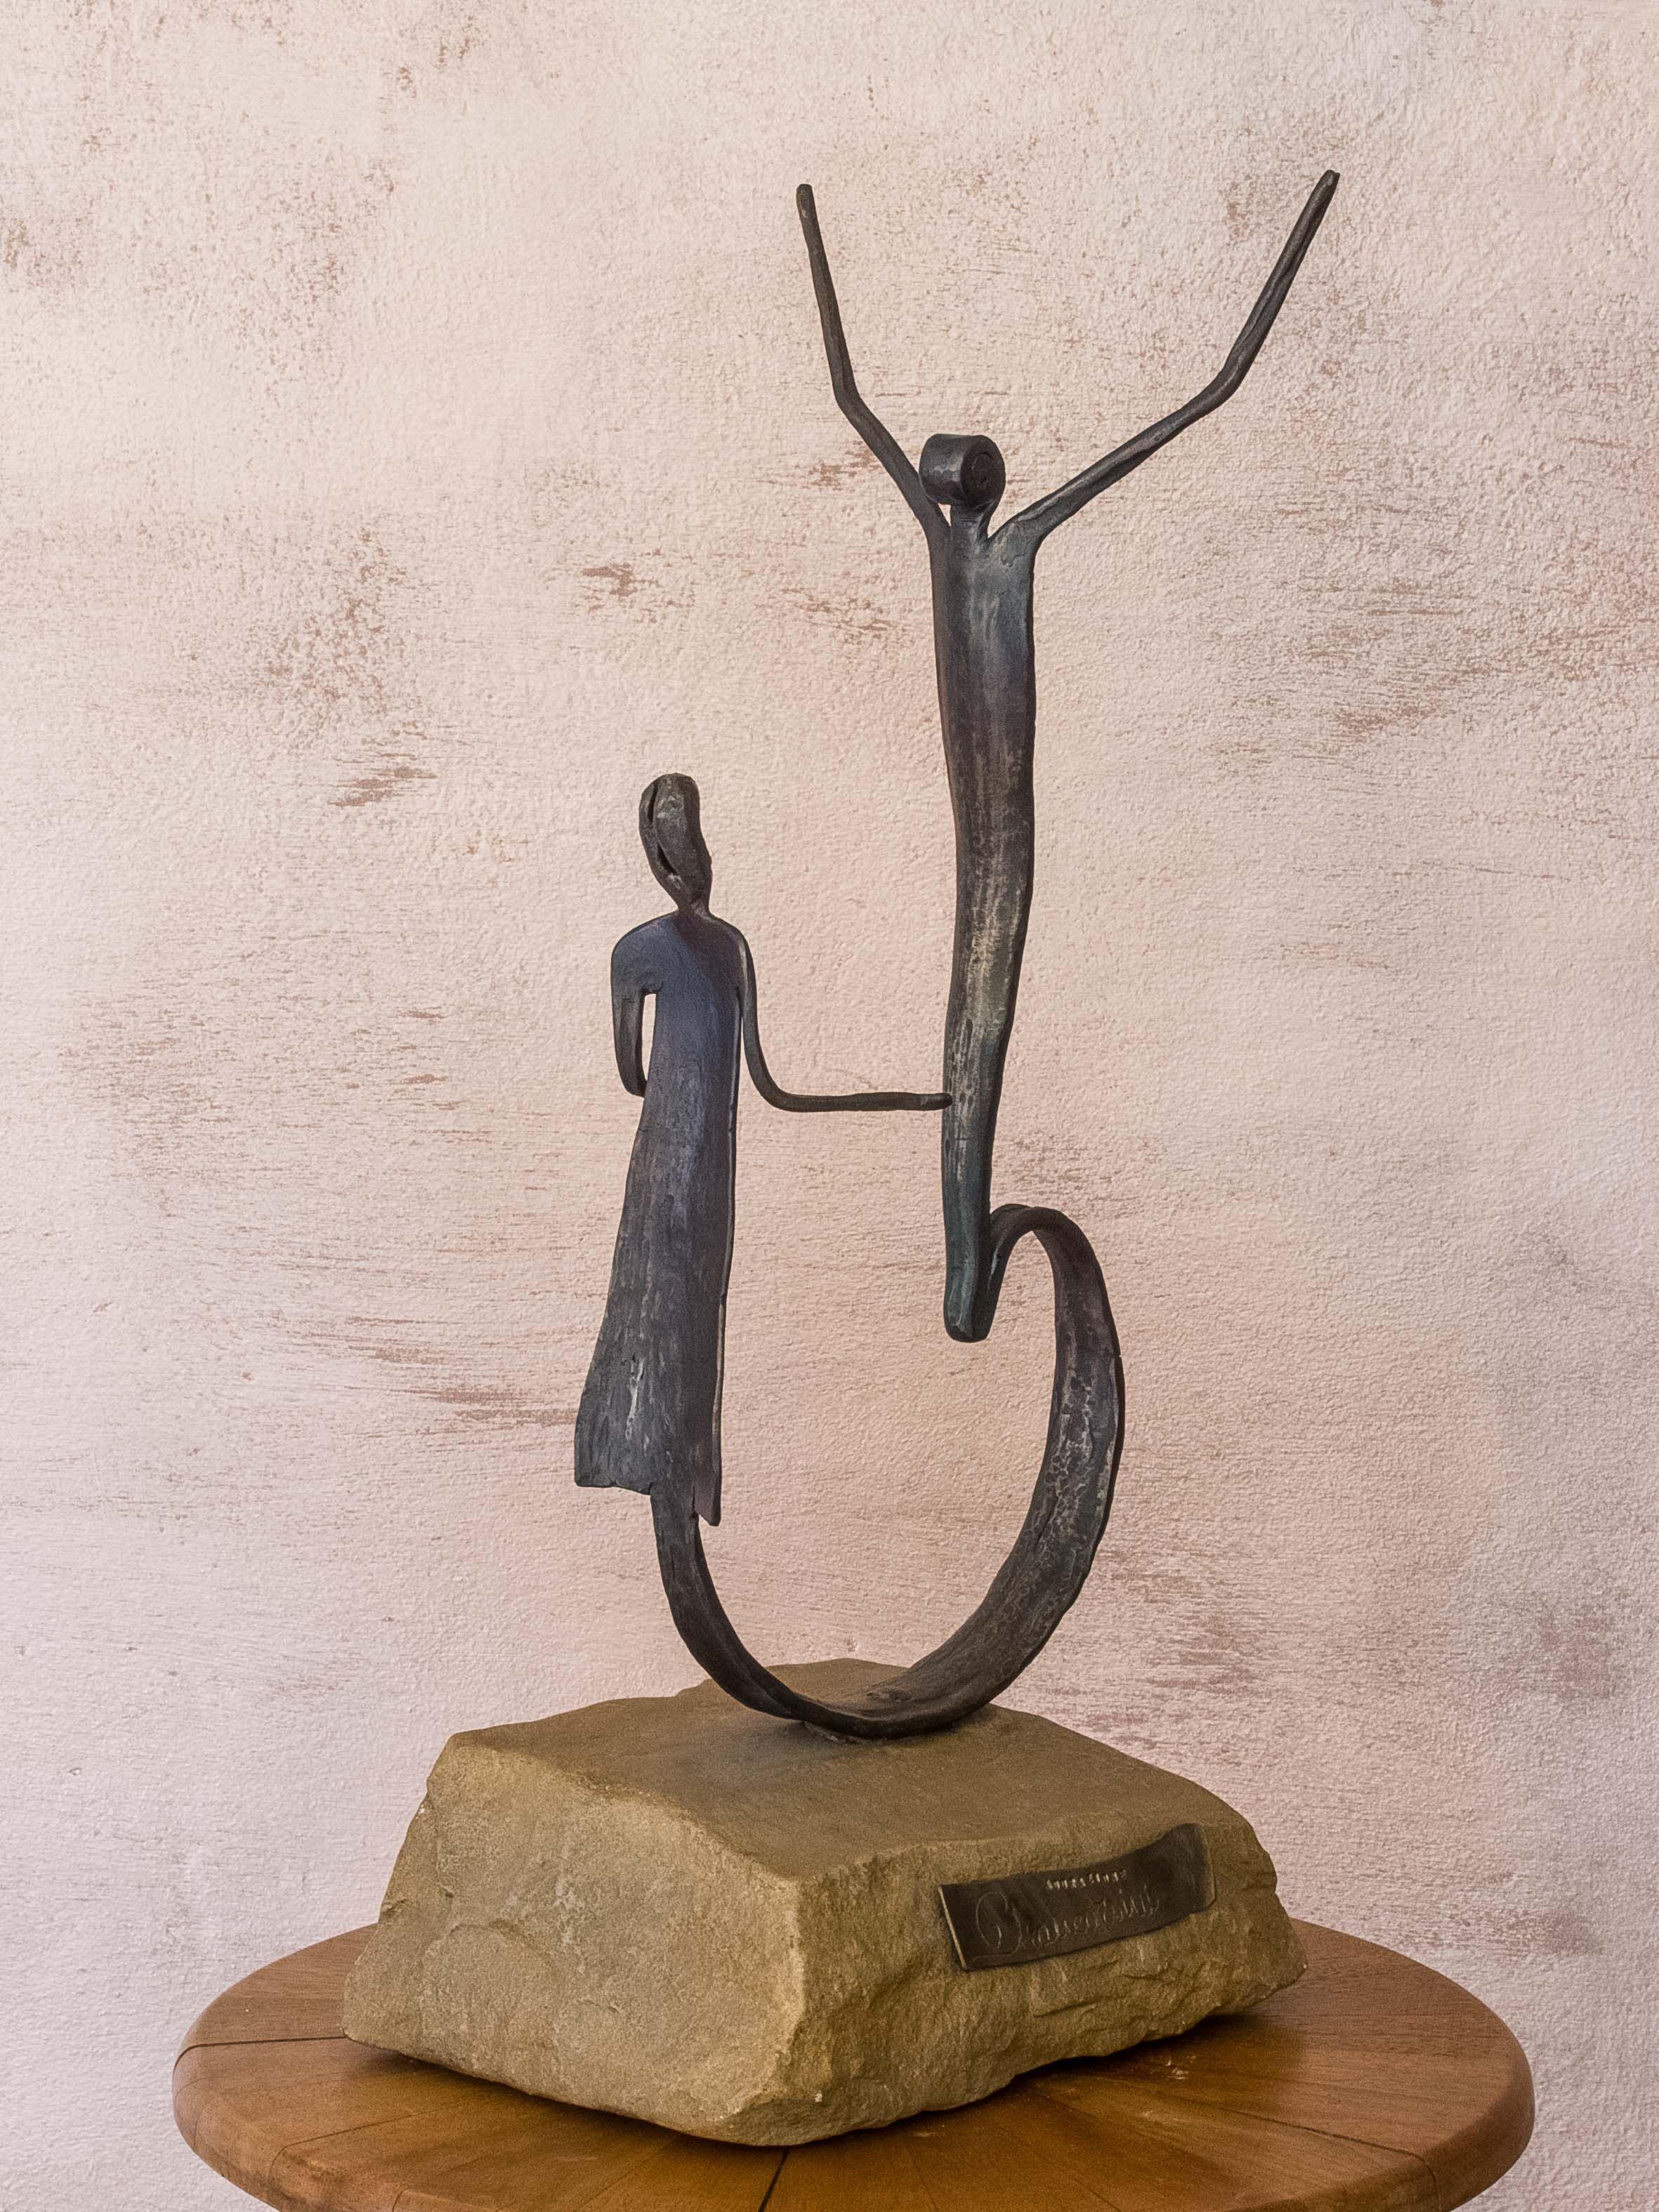 скульптор маноло гарсия работы фото вижу смысла брать